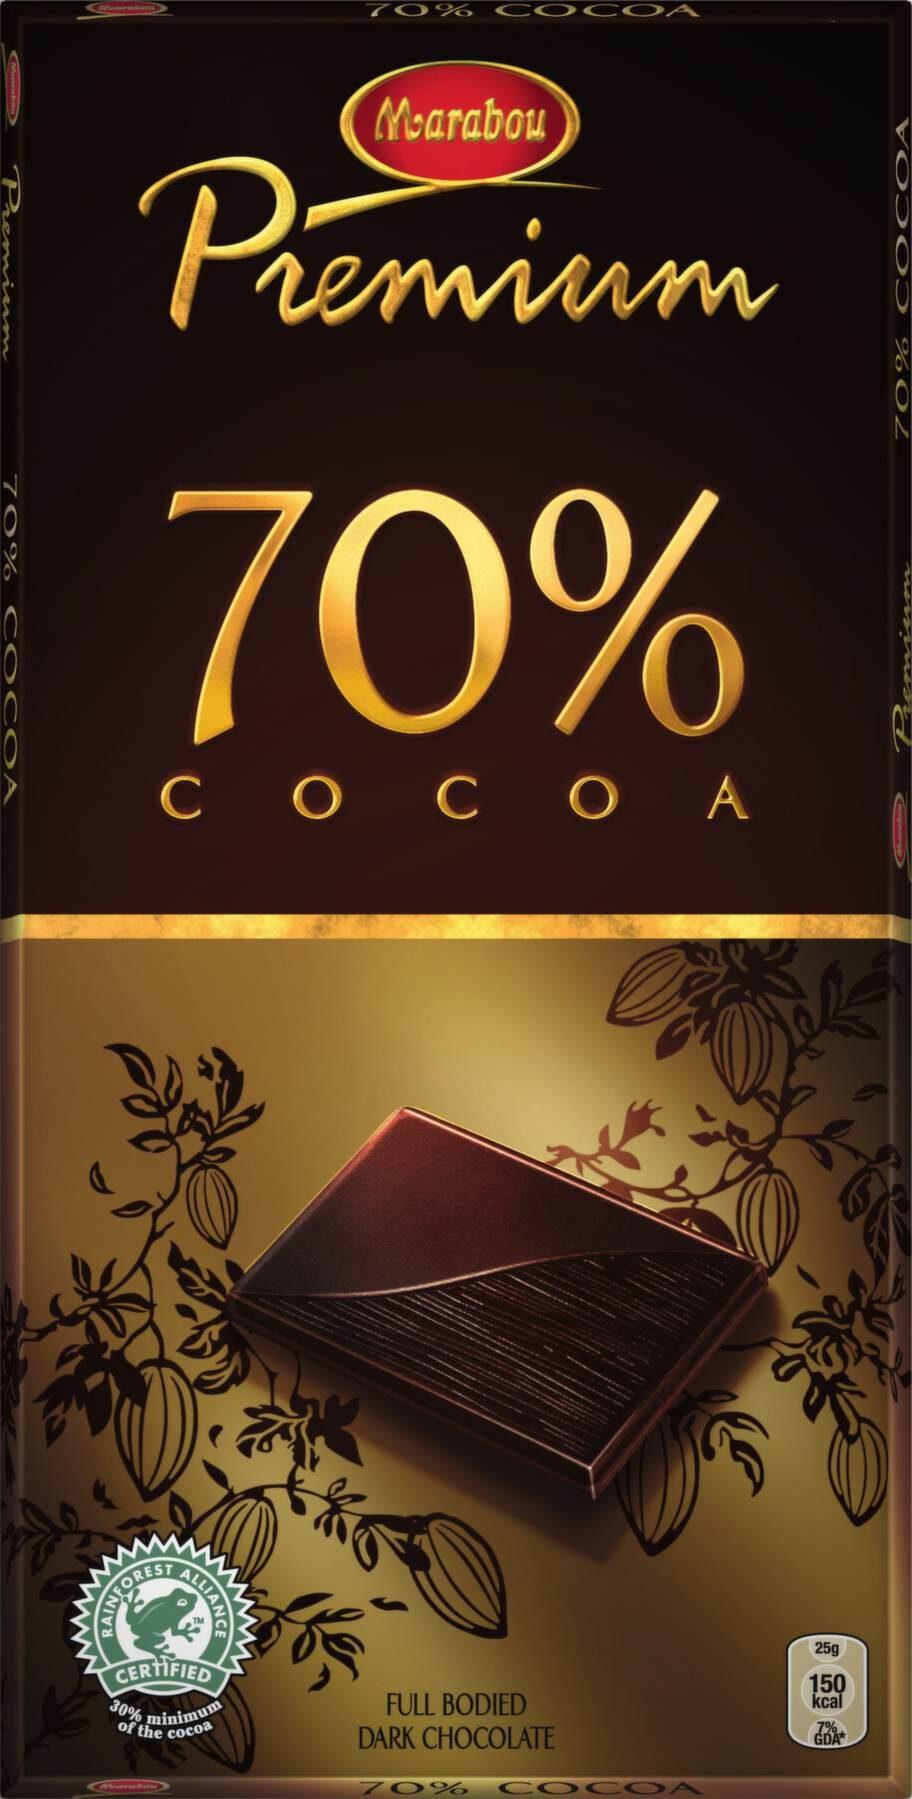 """Marabou Premium 70% <br><exp:icon type=""""wasp""""></exp:icon><exp:icon type=""""wasp""""></exp:icon><exp:icon type=""""wasp""""></exp:icon><br>Pris: Cirka 20 kronor, 100 g.<br>En lättäten choklad som smakar gott och varken är för söt eller bitter. Känns som en klassisk mörk chokladkaka. Något rökig bismak.<br>Fredrik Paulún säger: En helt okej mörk choklad med 70 procent kakao och en standardsammansättning av det mesta. Det ger ett standardbetyg på en trea.<br>Betyg: 3.<br><br>Ingredienser: Kakaomassa, socker, kakaosmör, fettreducerad kakao, smörfett, arom, emulgeringsmedel (sojalecitin).<br>Näringsvärde per 100 g:<br>Energi: 600 kcal.<br>Protein: Ej uppgift.<br>Kolhydrat: 32 g.<br>varav sockerarter: 28 g.<br>Fett: 46,5 g.<br>varav mättat fett: 29 g.<br>Fiber: 11 g.<br>Natrium: &lt;0,5 g."""